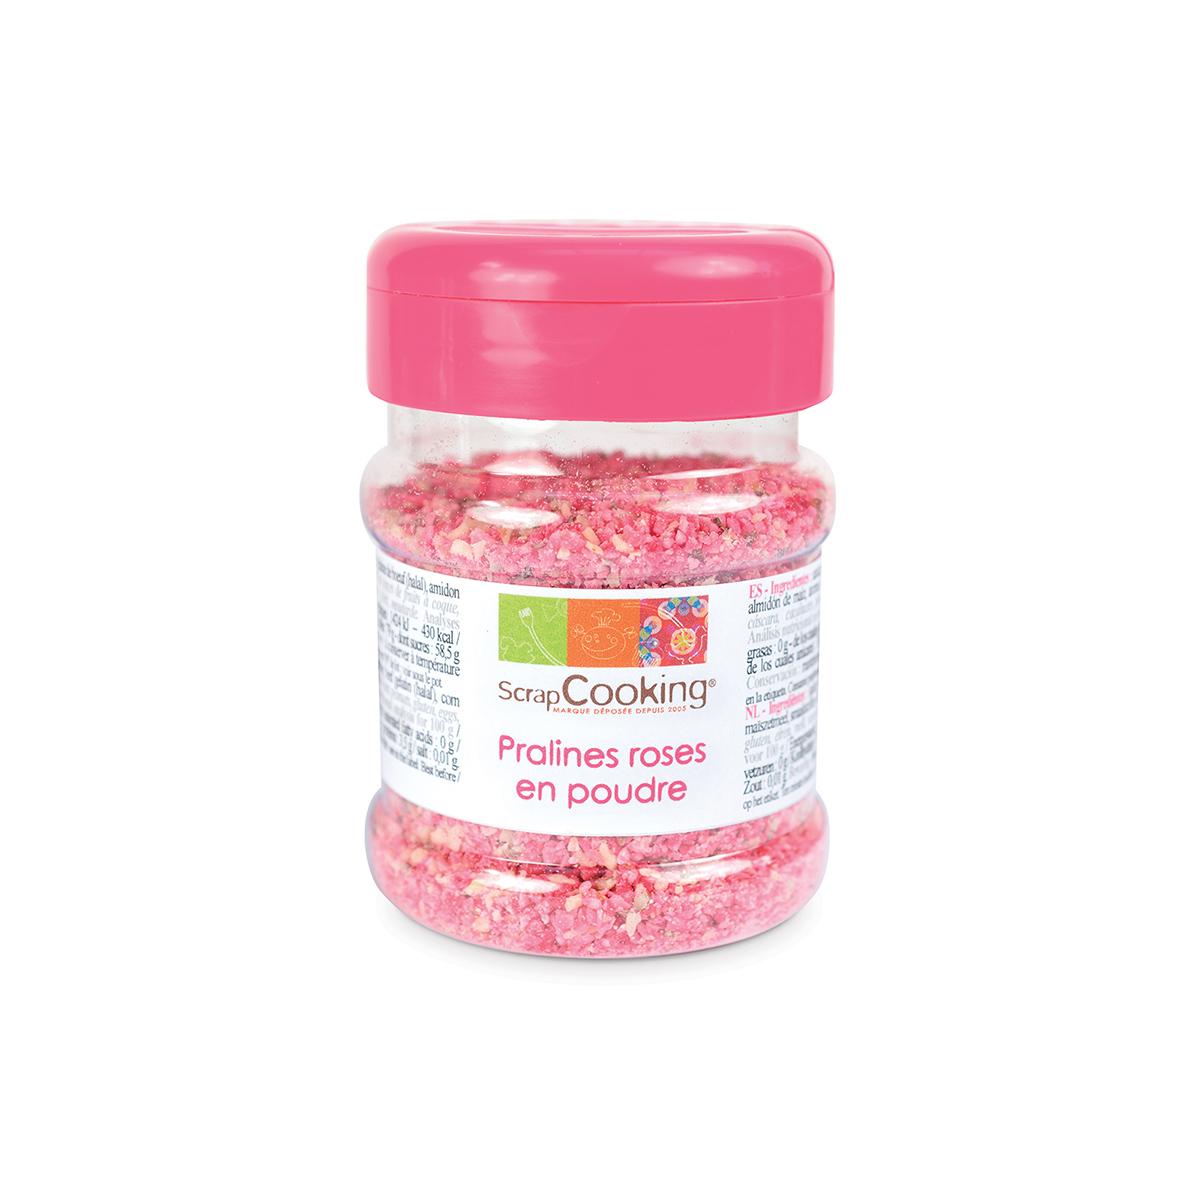 Image du produit Pot de pralines roses en poudre 130g - Scrapcooking